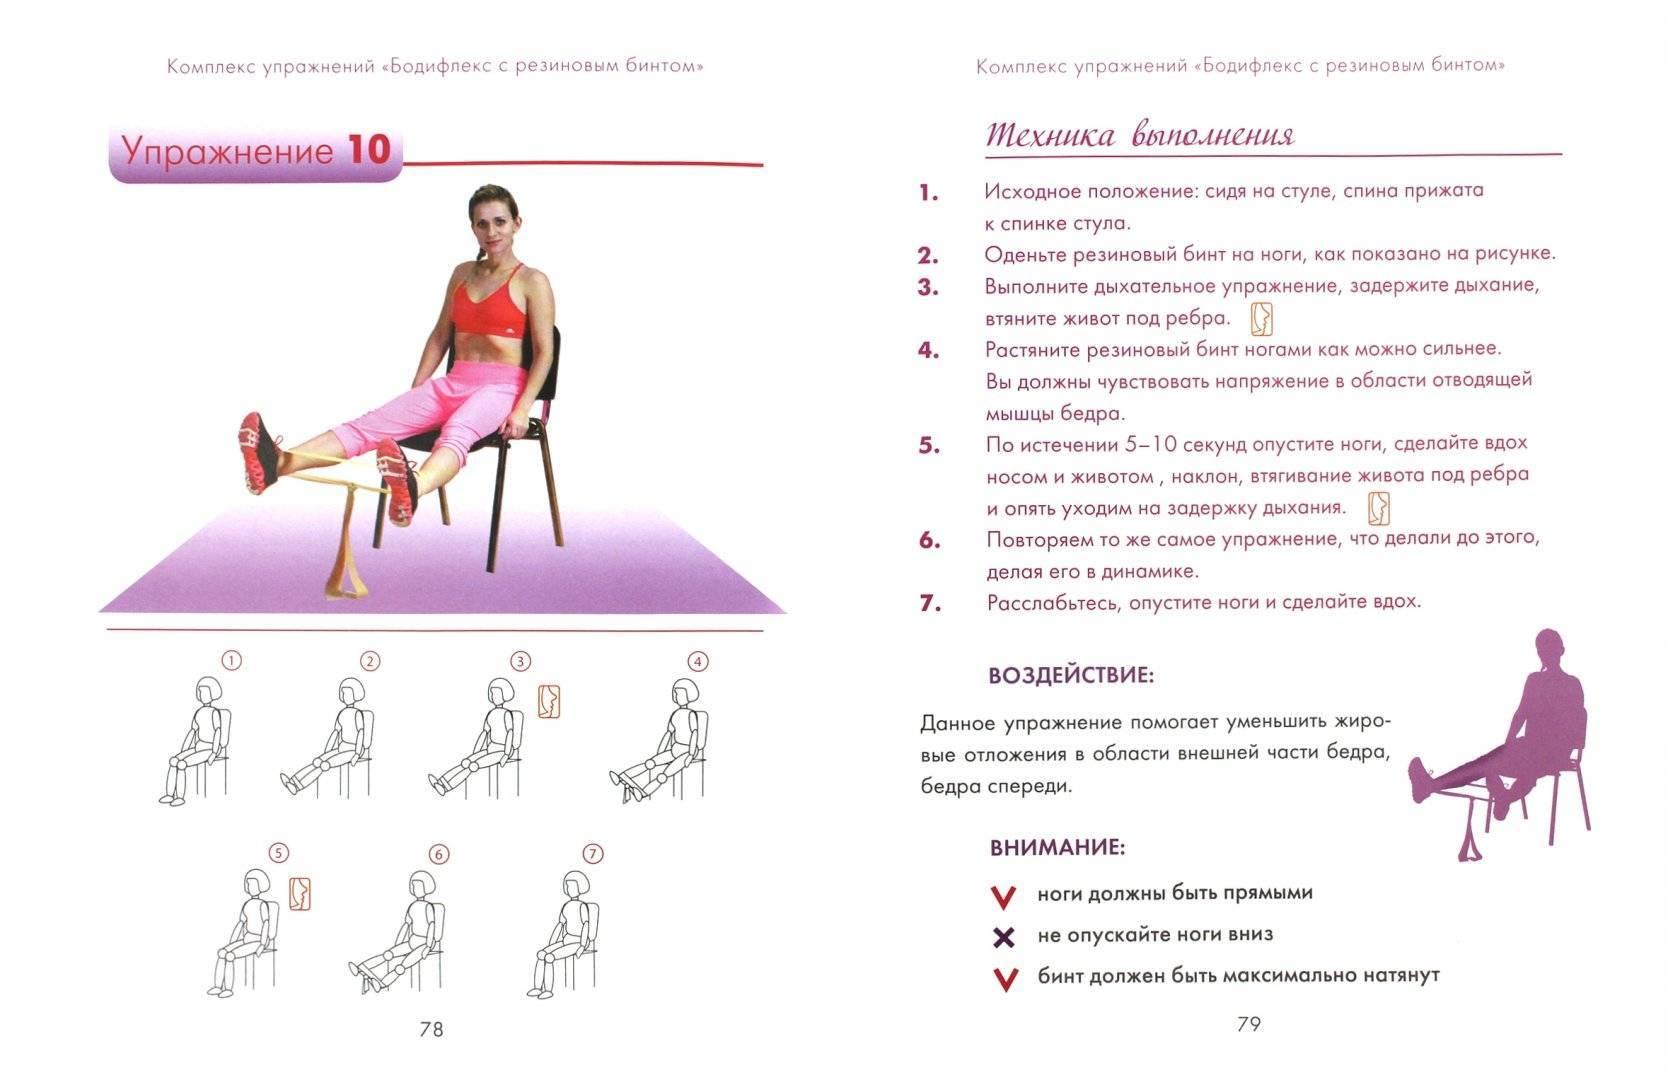 Бодифлекс - укрепление здоровья